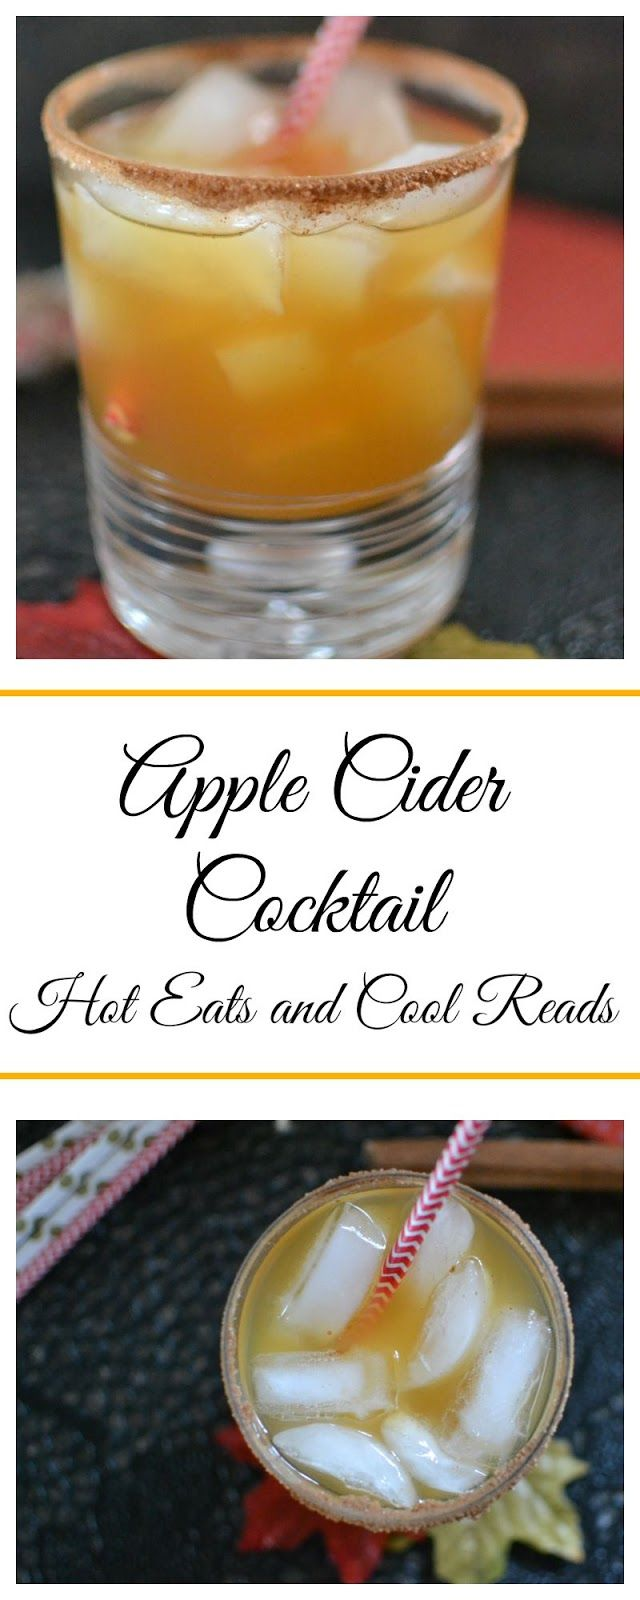 Apple Cider Cocktail Recipe Cider cocktails, Apple cider